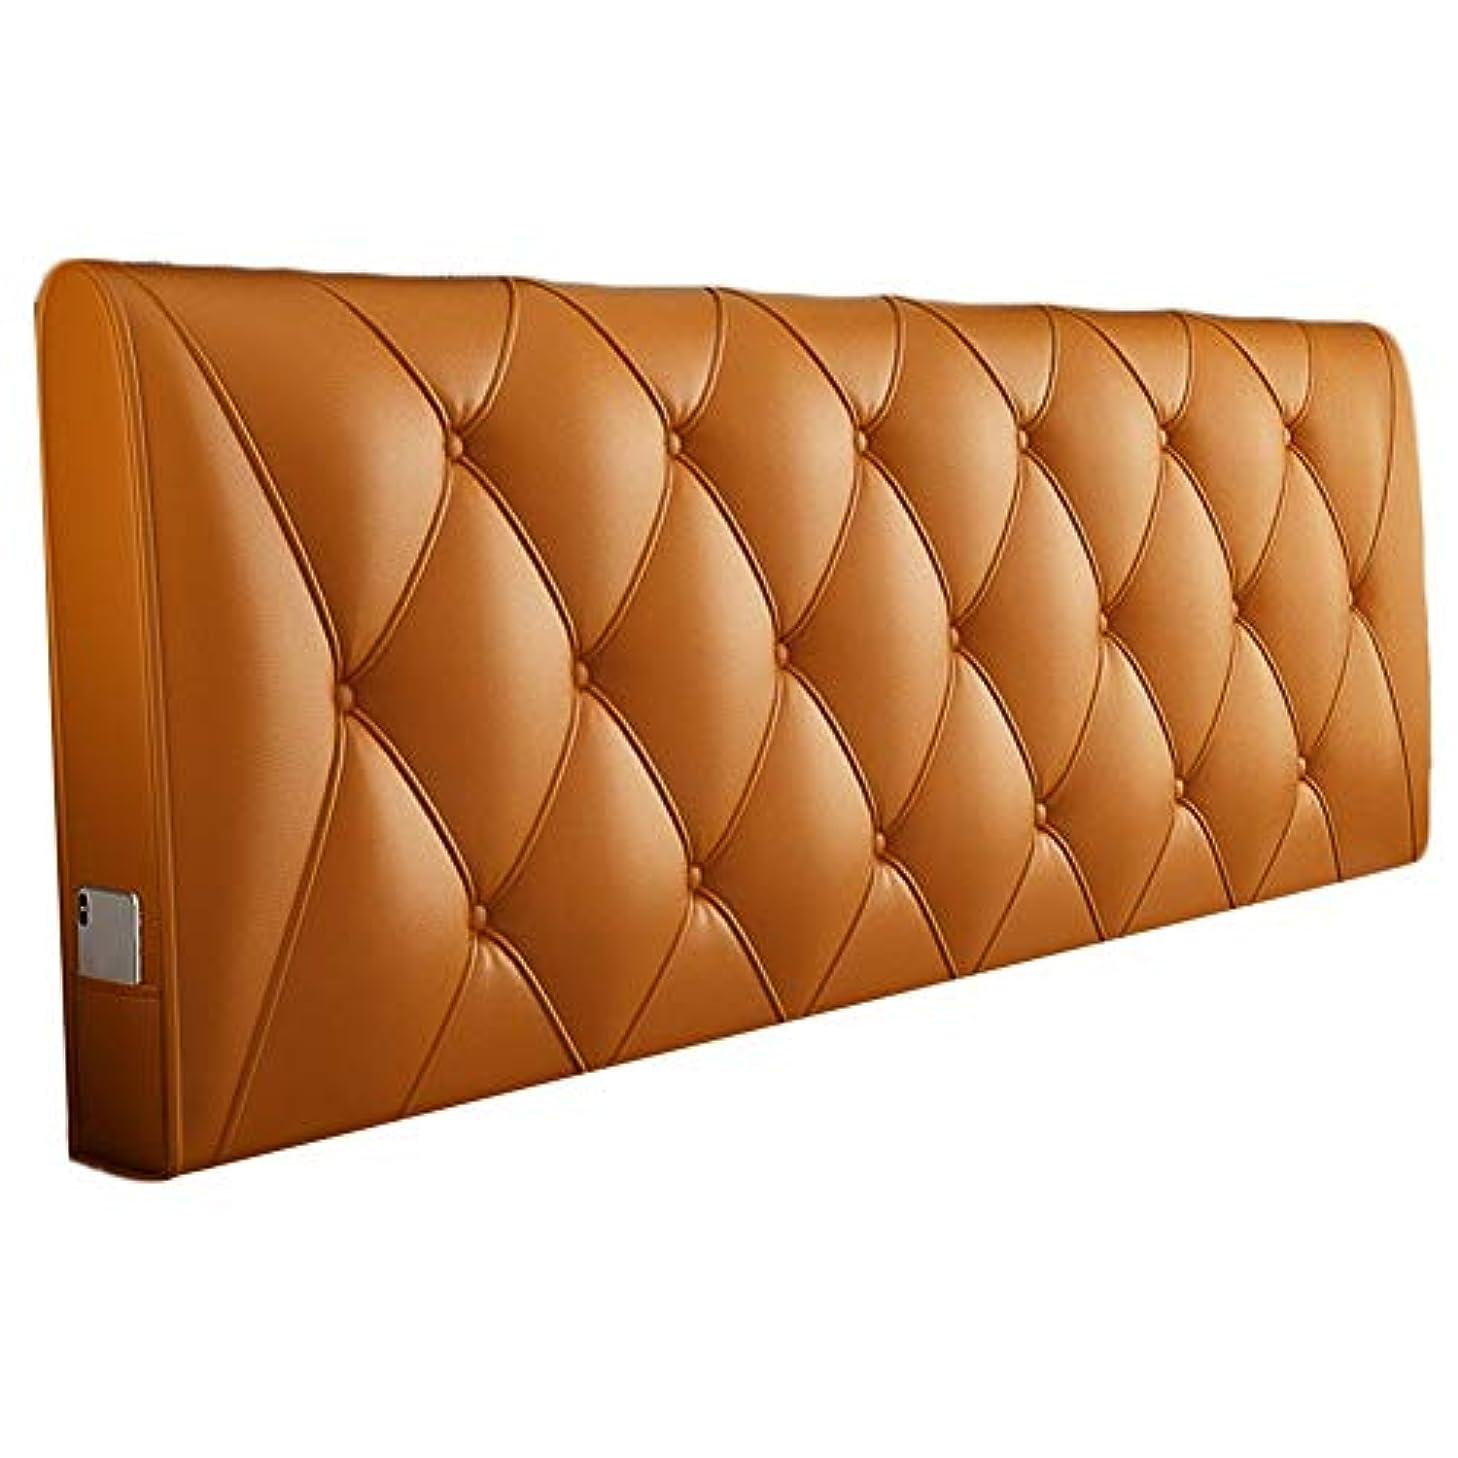 推定国勢調査マーティフィールディングKKCF ヘッドボードクッション立体的な背もたれ防水耐摩耗性ホームPU 、5色 5サイズ (Color : A, Size : 150cm)